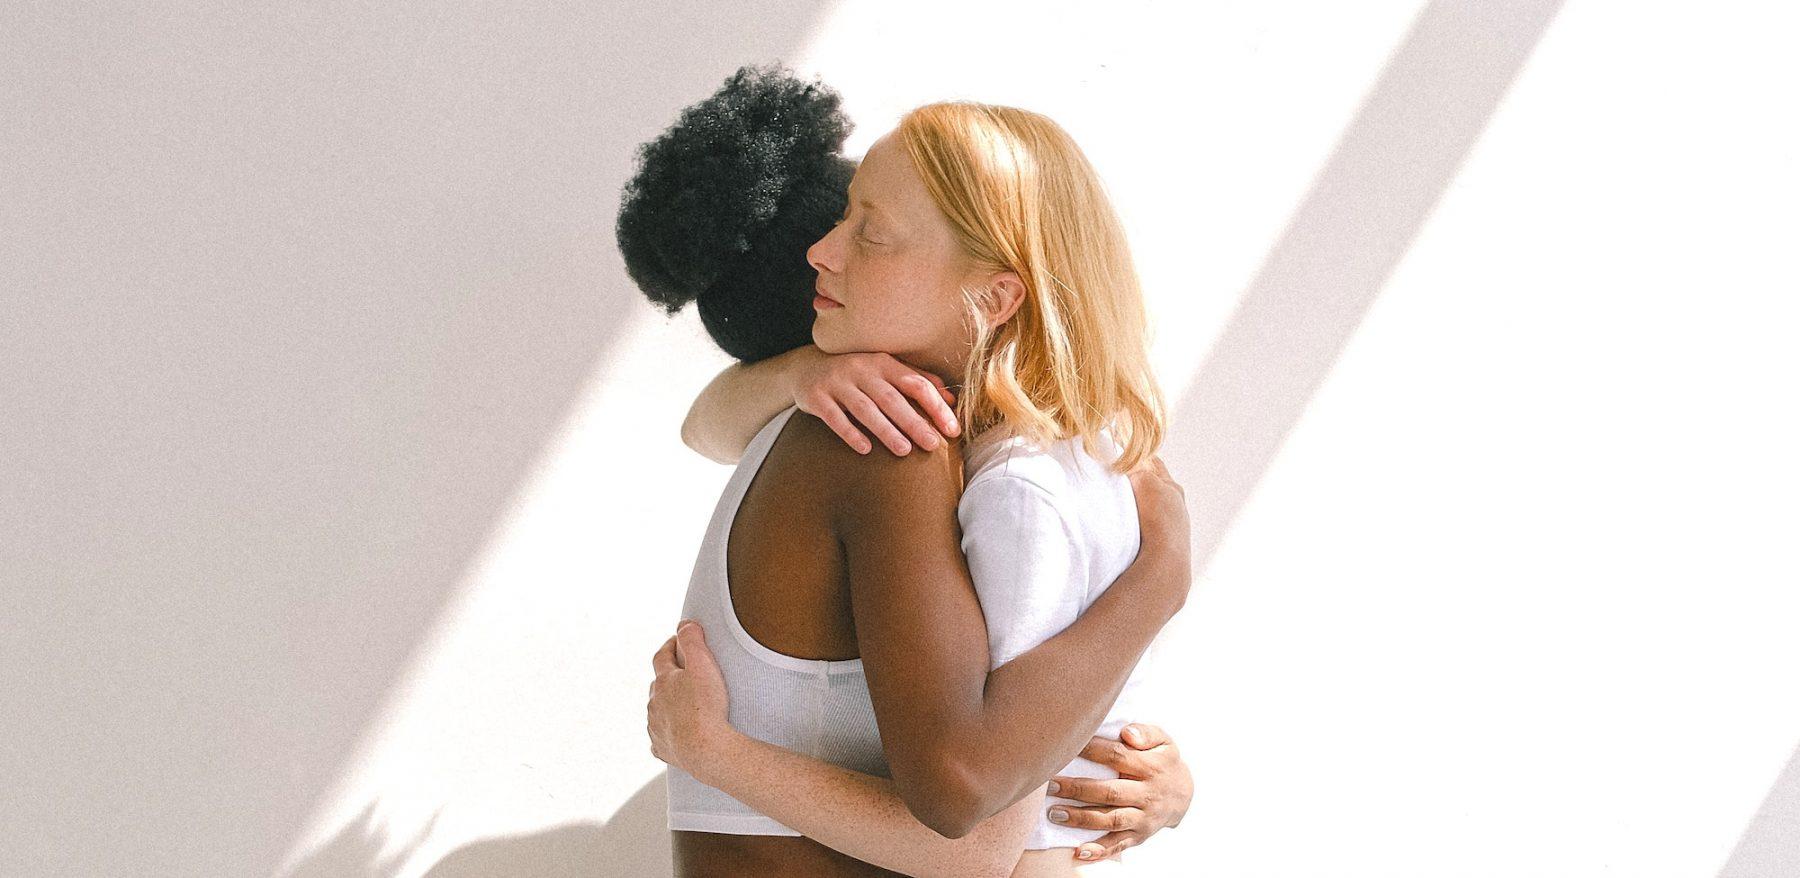 huidhonger contact single corona tijd pandemie huid